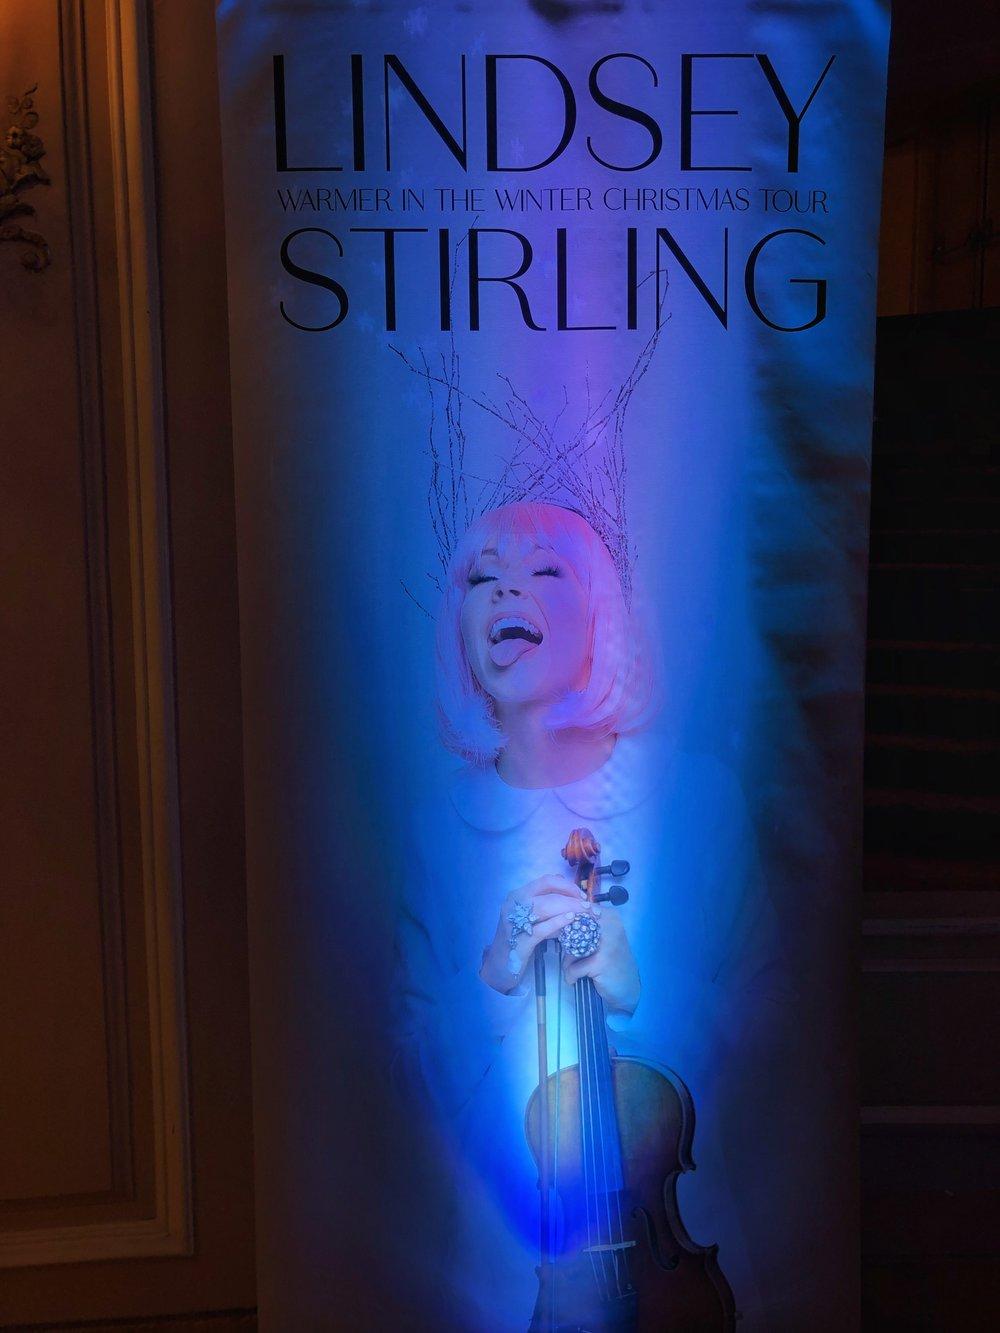 57Lindsey_Stirling_Concert_Chicago.jpg